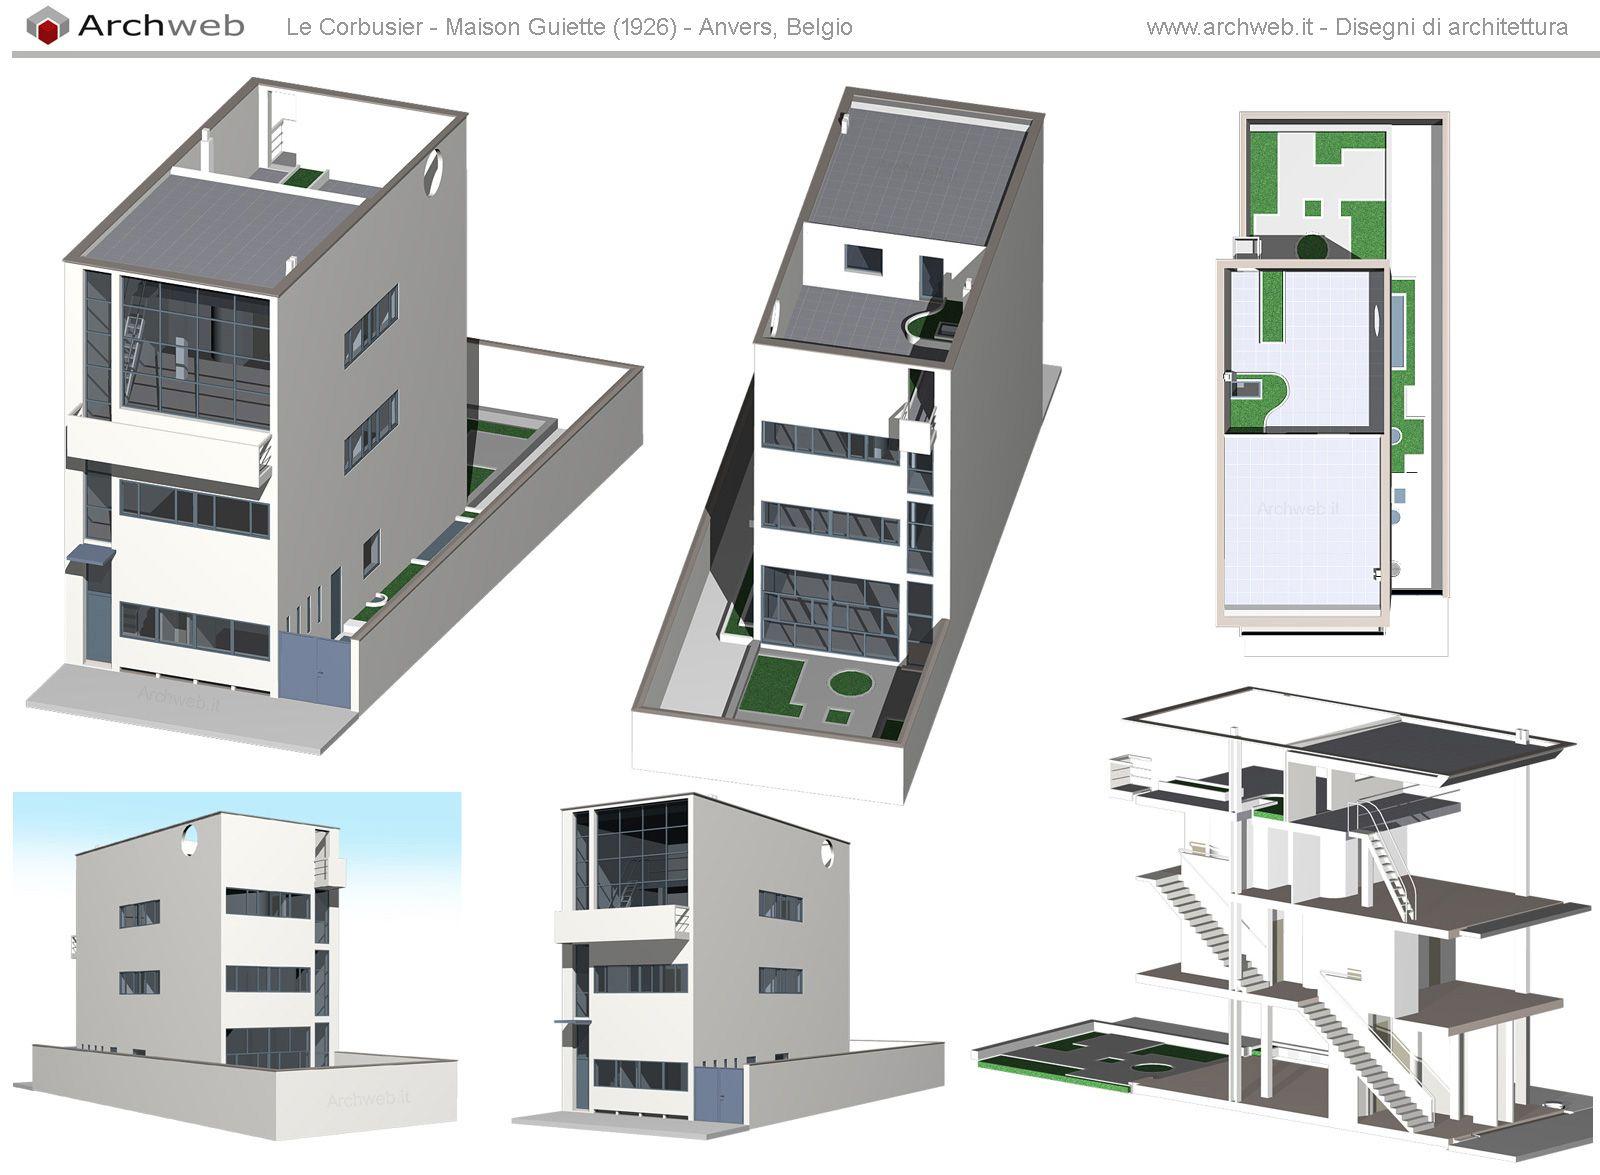 Maison guiette 3d model maison guiette pinterest for Site 3d maison